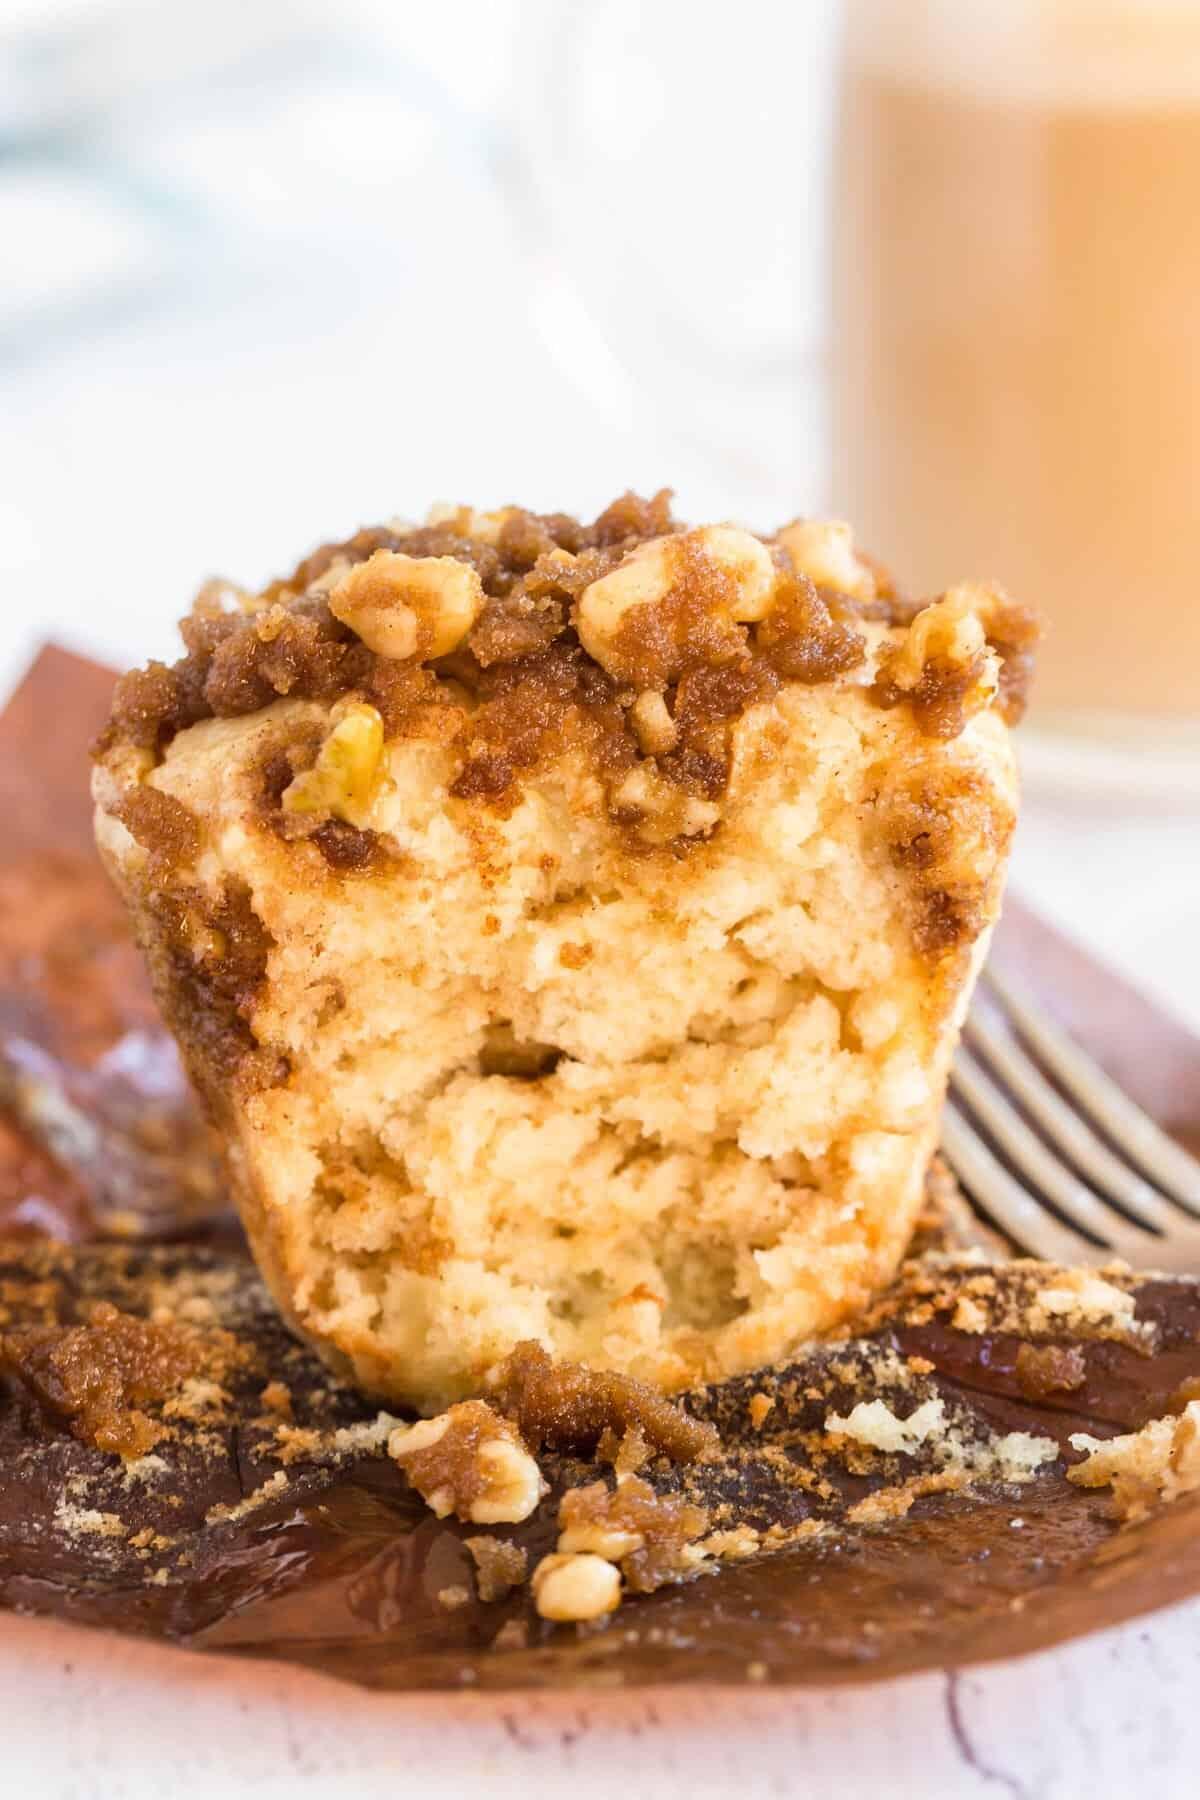 coffee cake muffin cut in half